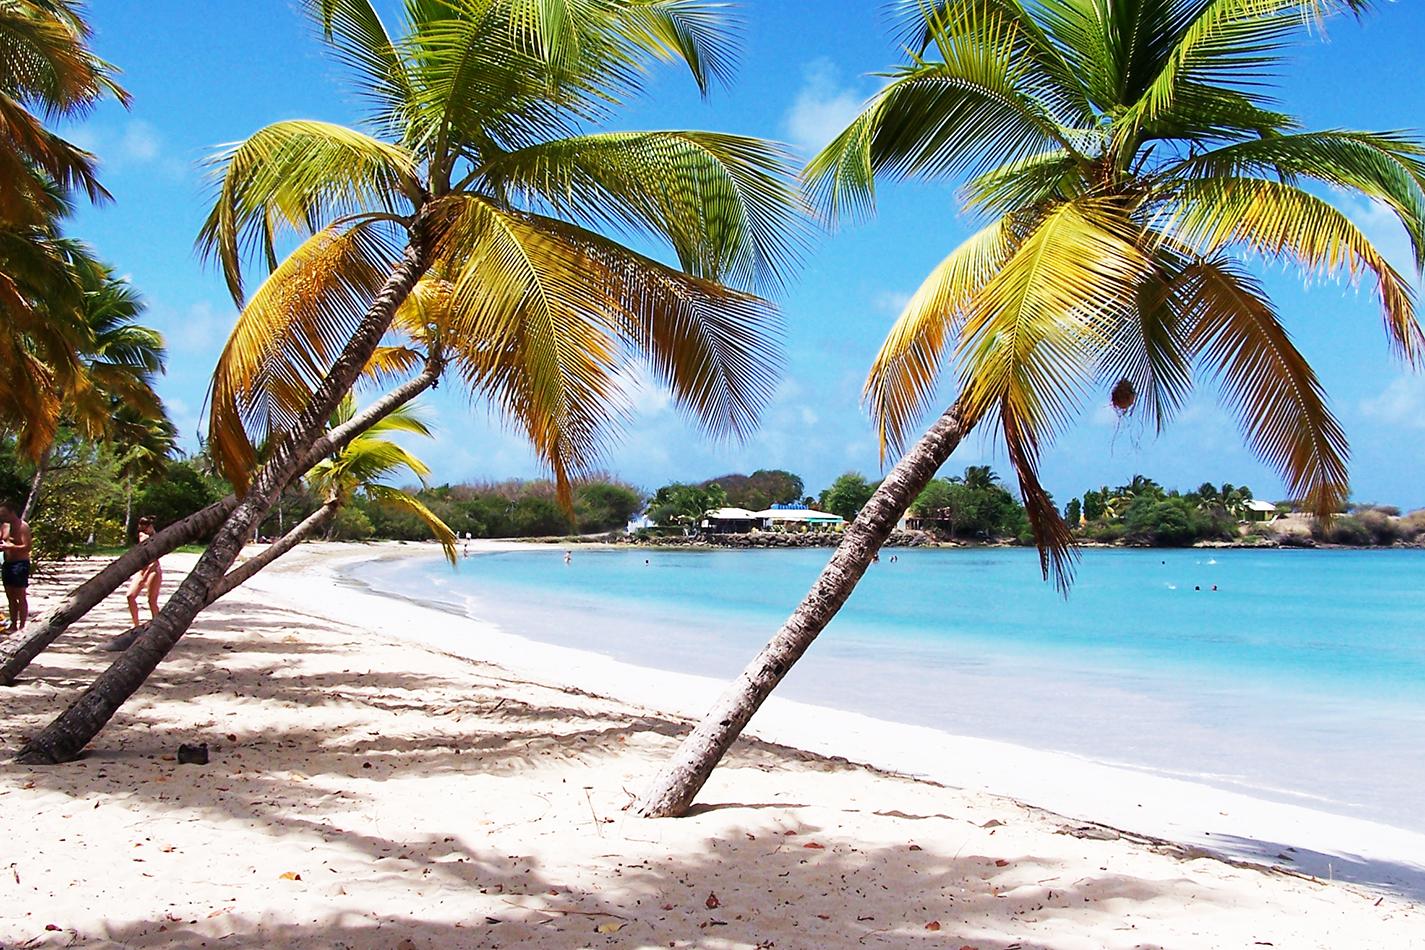 Sailndream : location de voiliers en Martinique, location de bateaux en Martinique